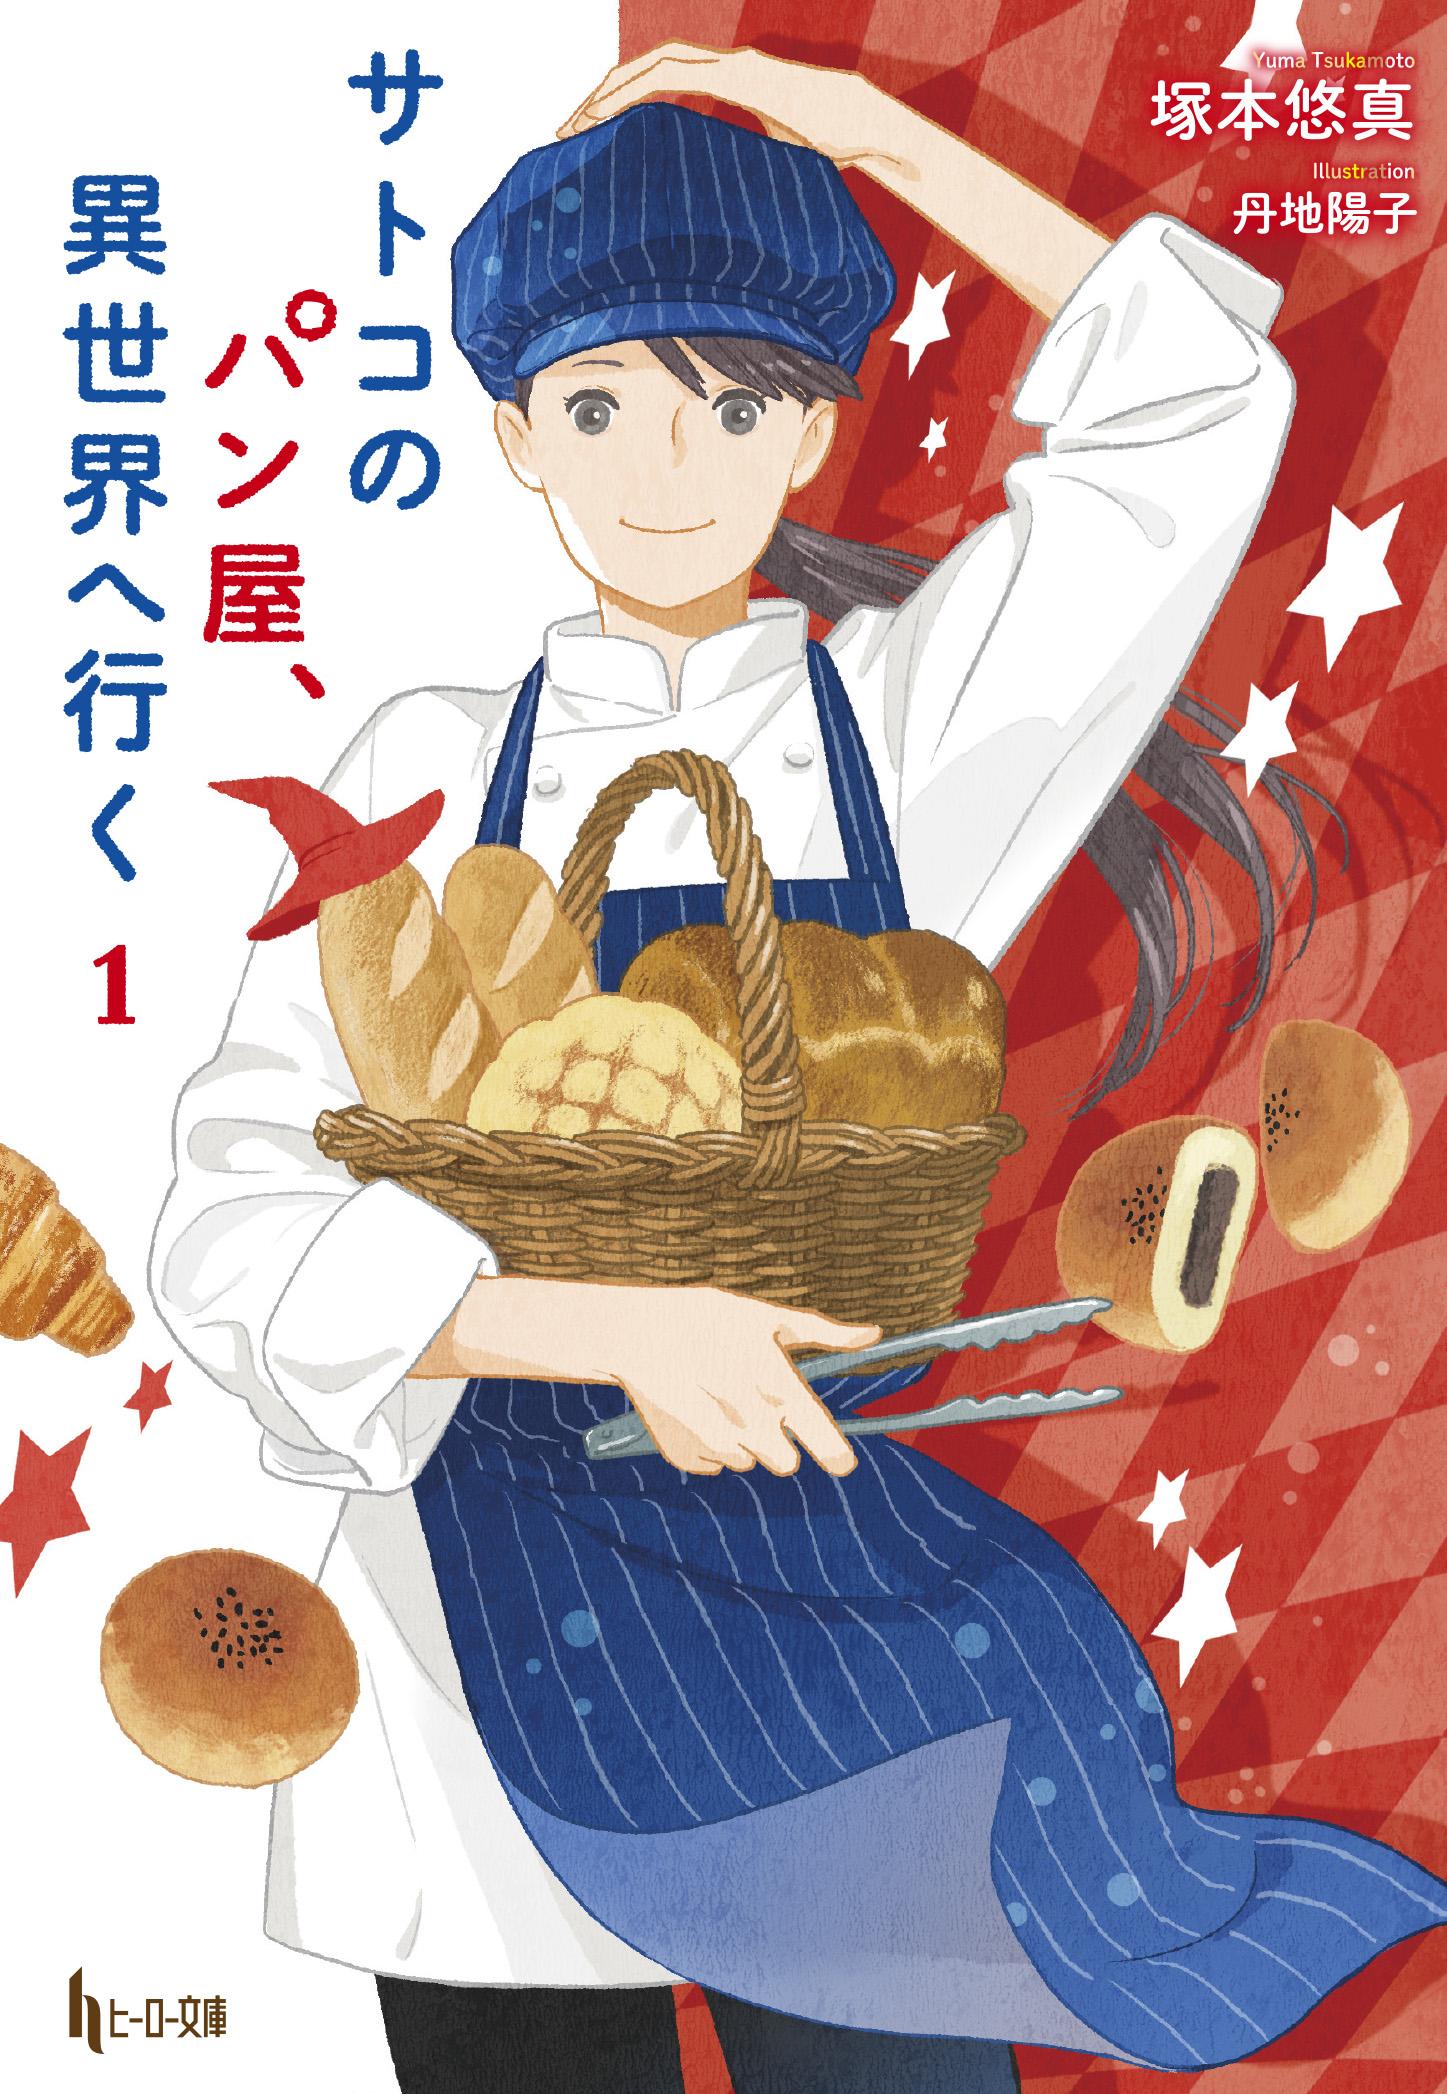 サトコのパン屋、異世界へ行く1